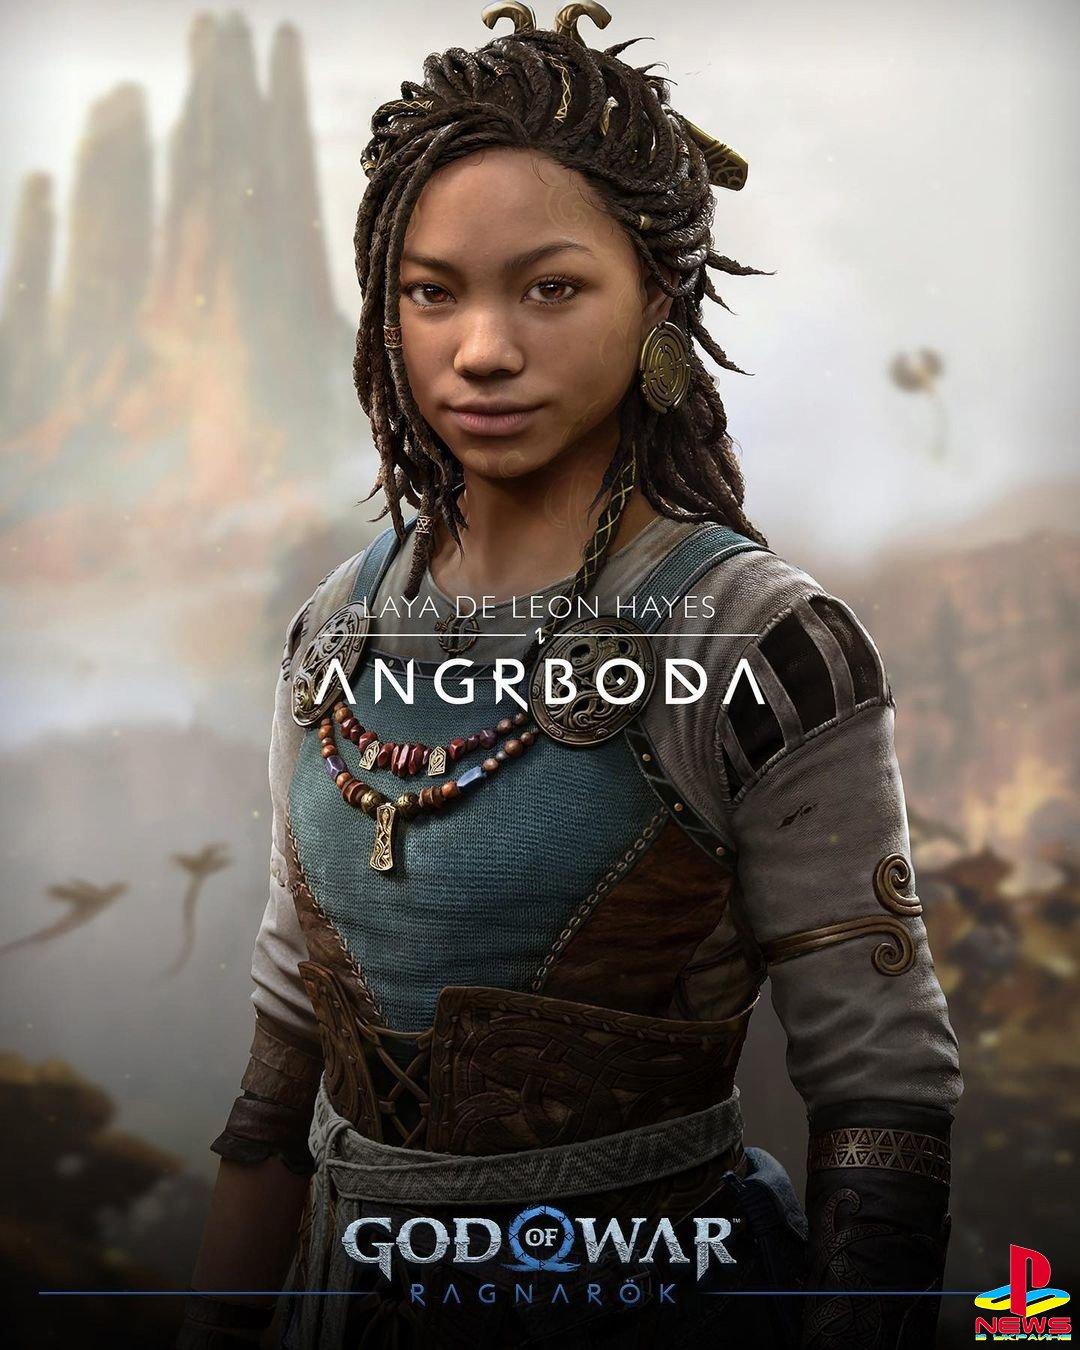 Автор God of War Ragnarok ответил на критику цвета кожи Ангрбоды